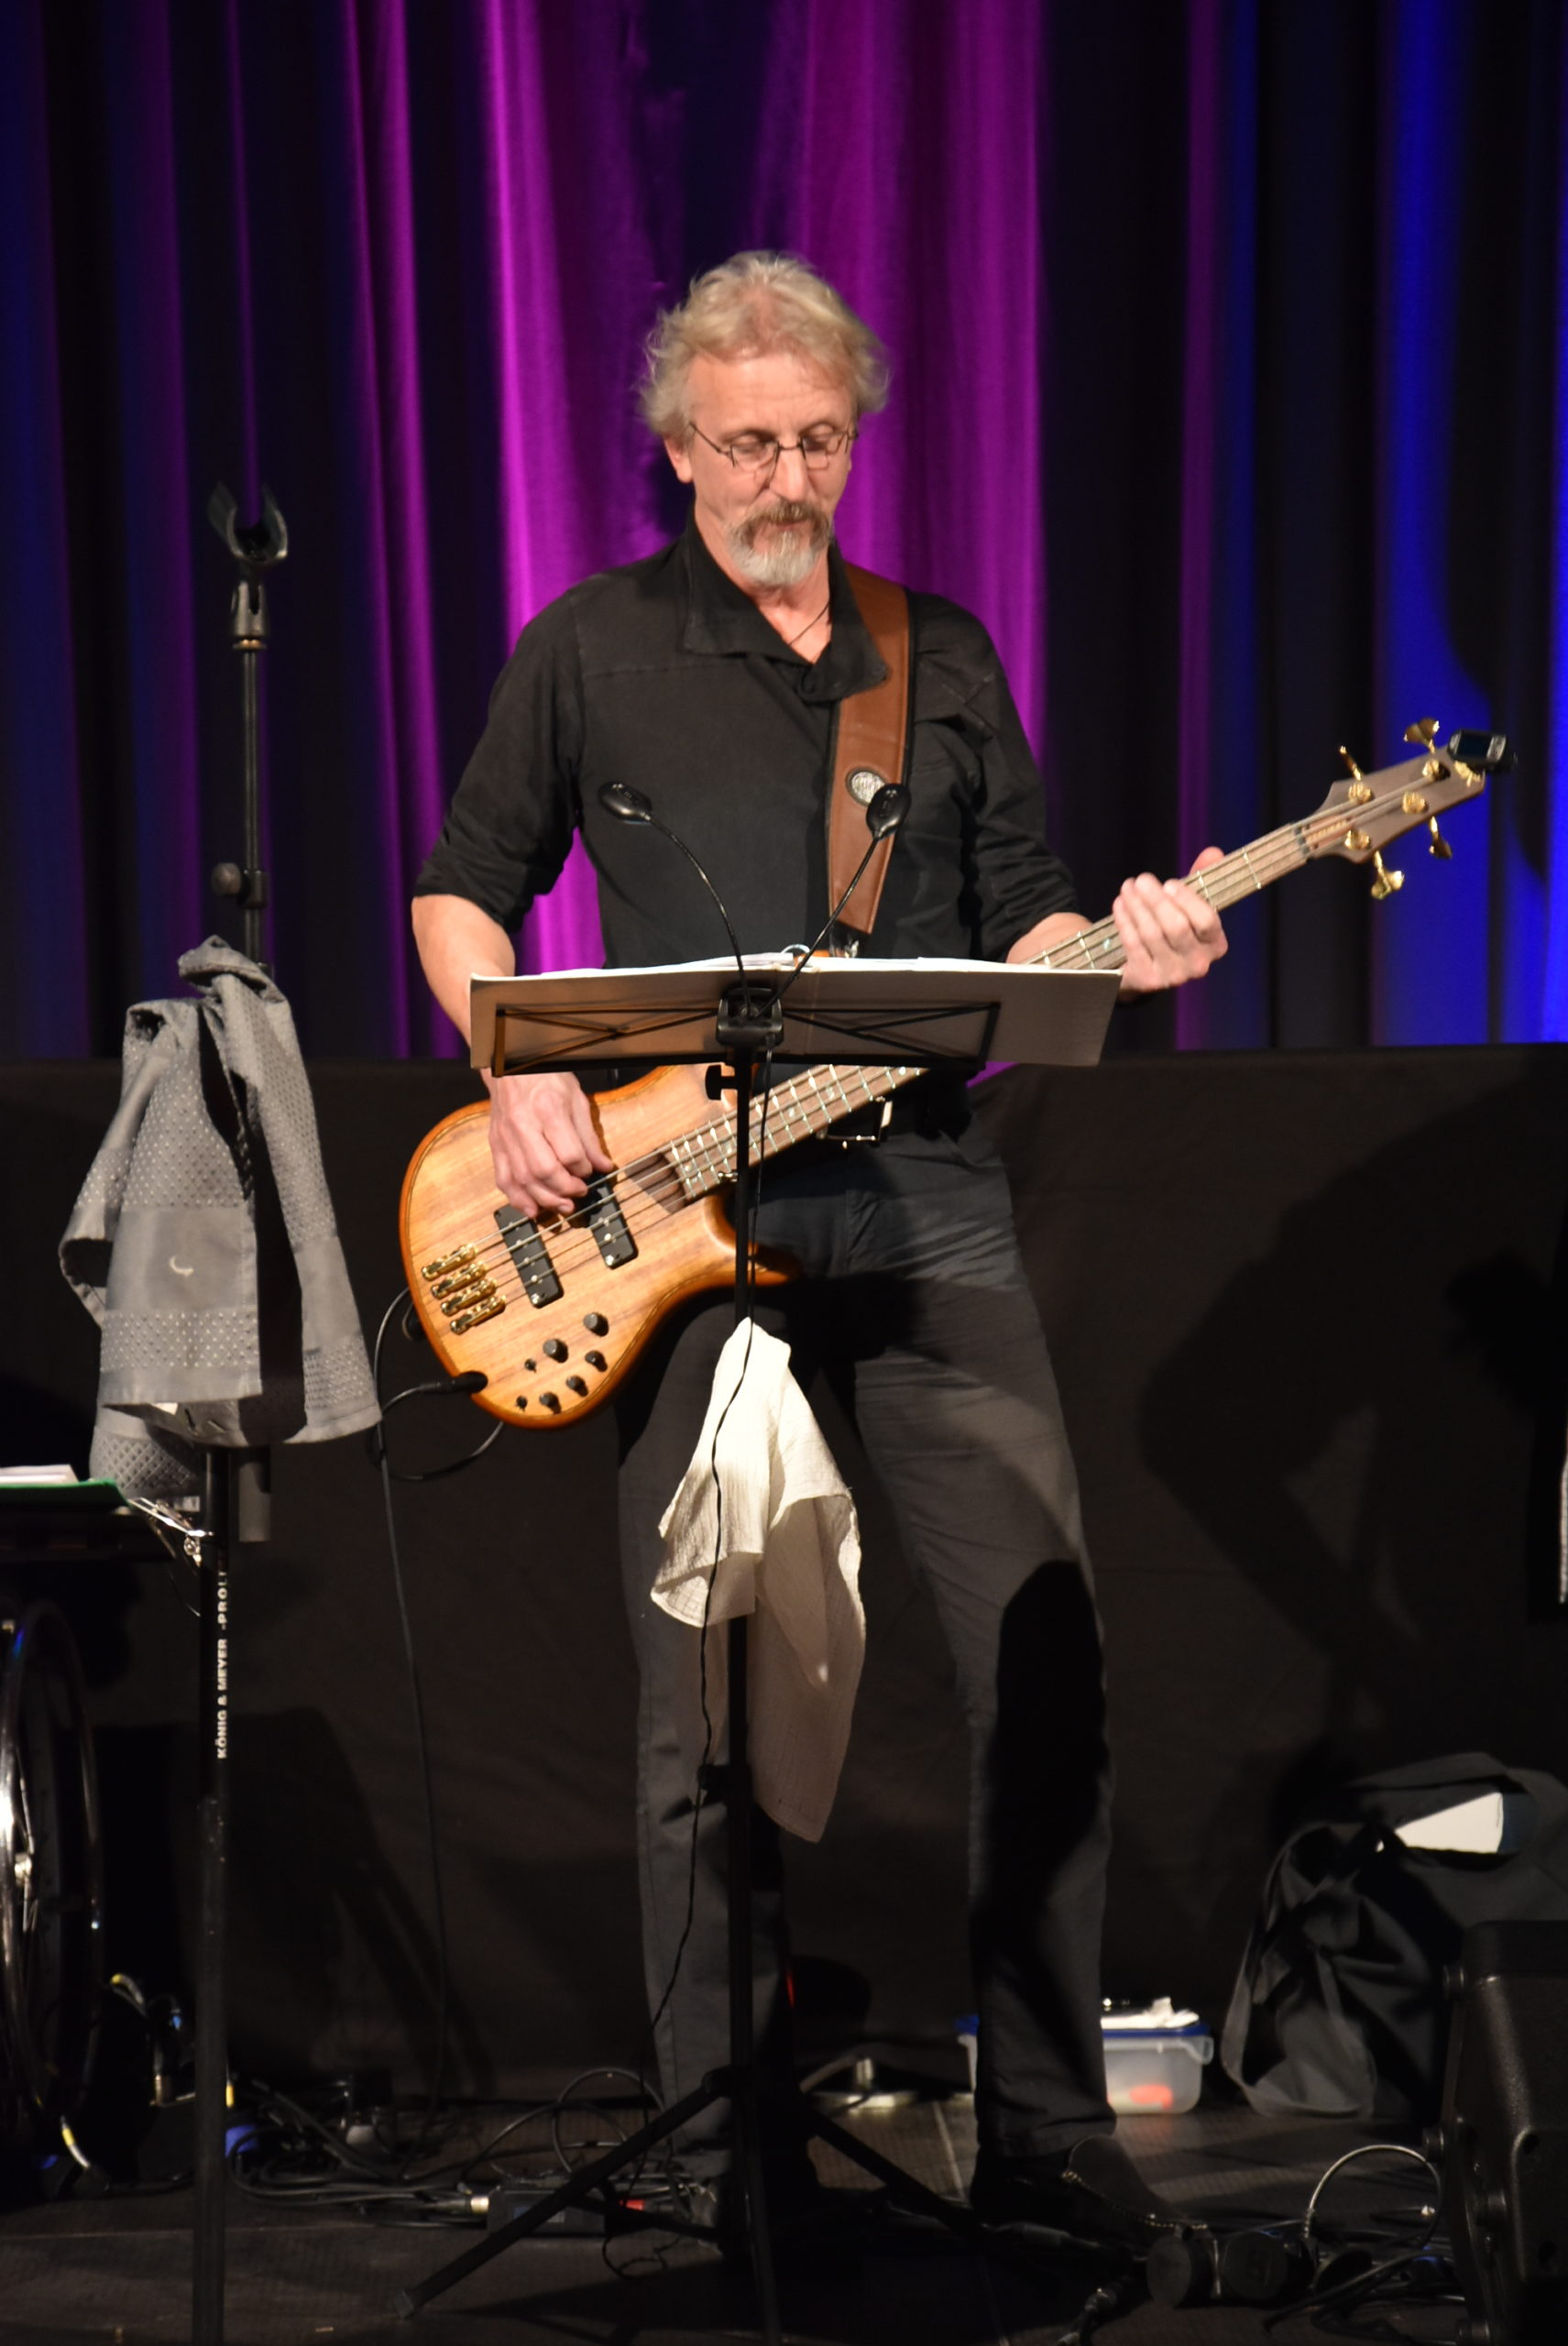 Heinz Ritschel